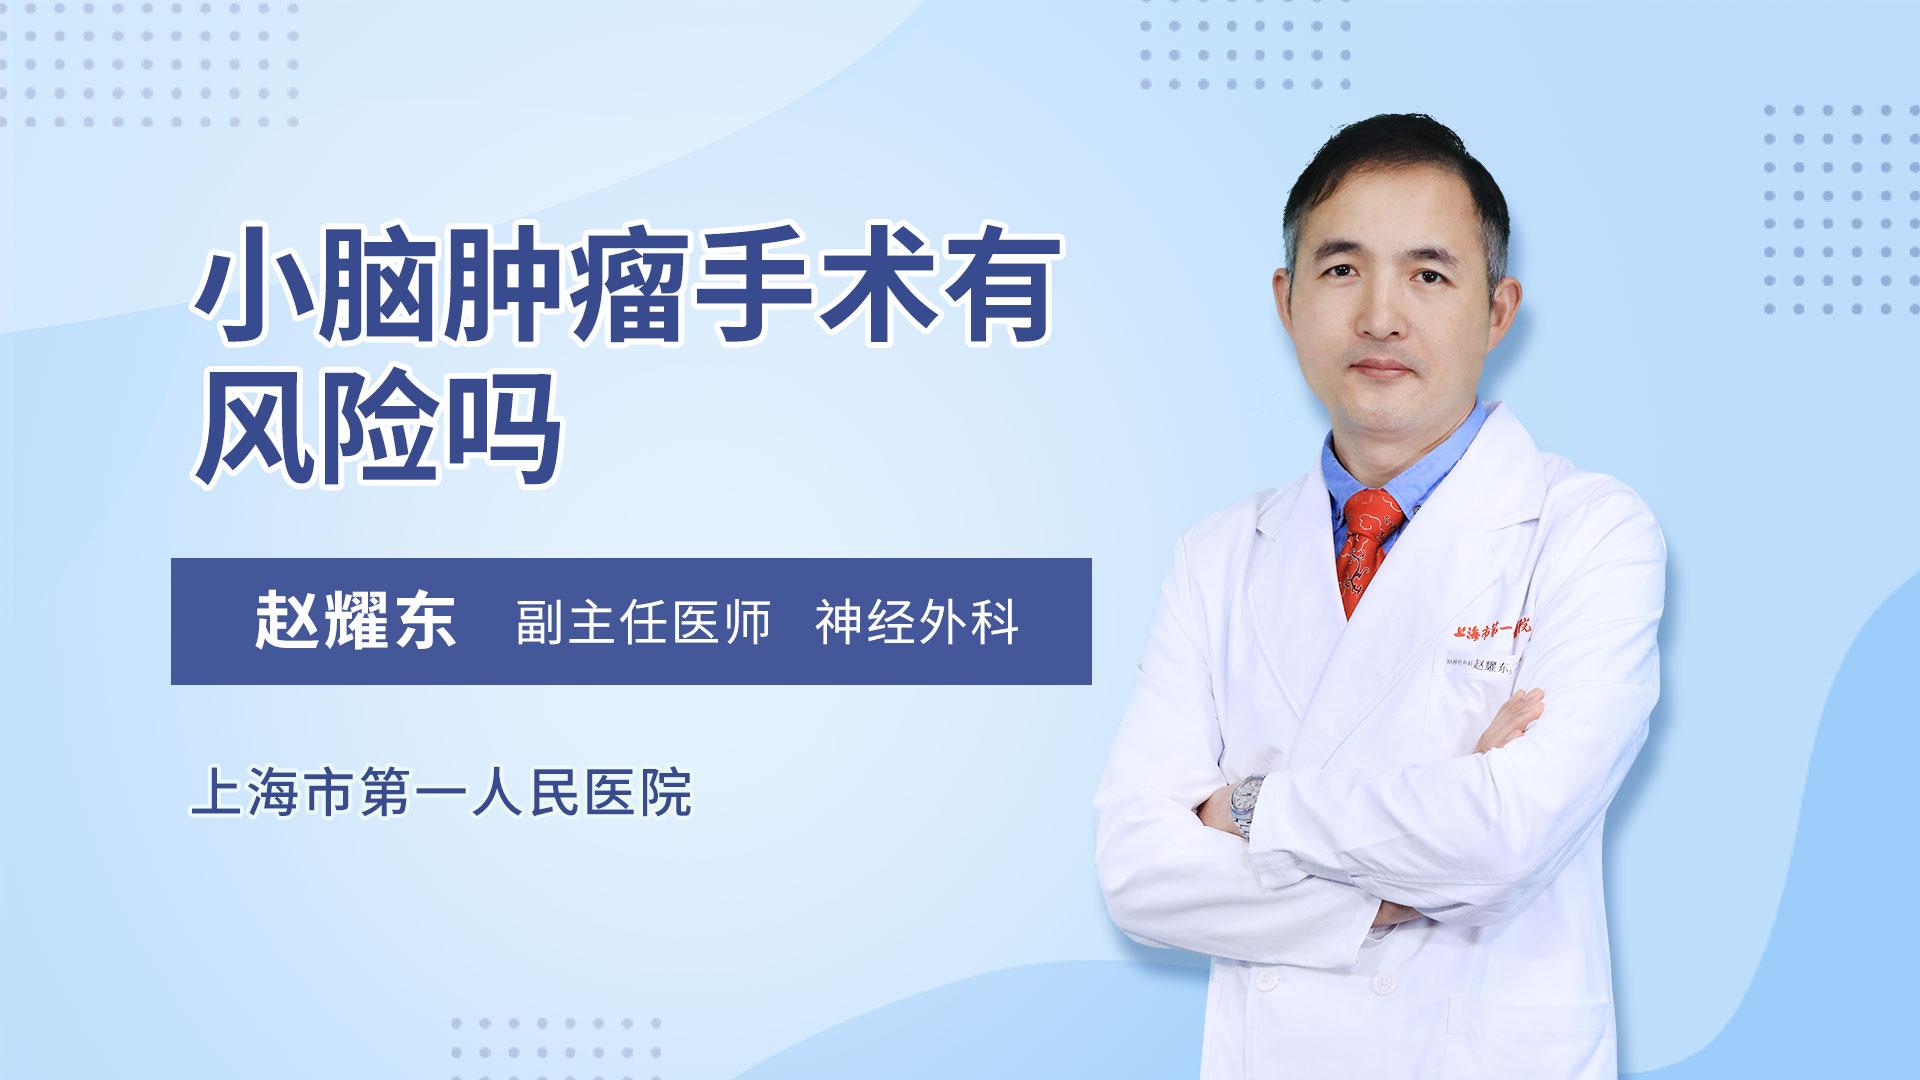 小脑肿瘤手术有风险吗